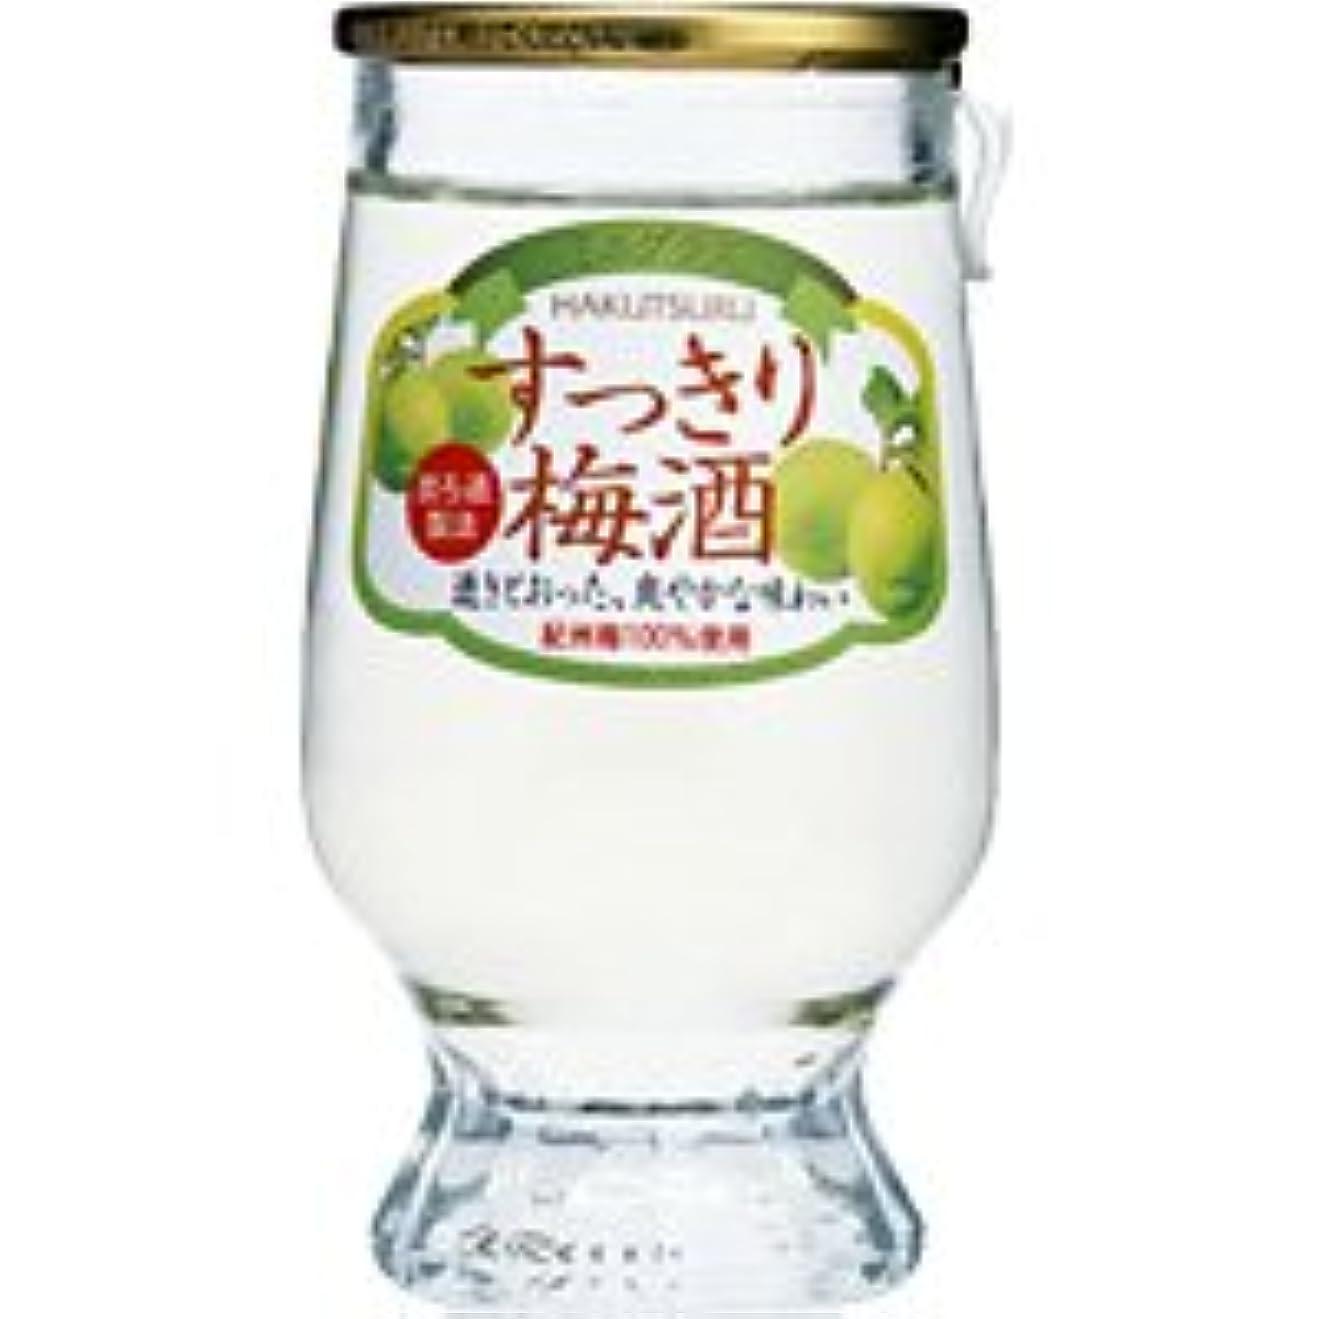 暴力的な十年ティーム白鶴 ミニグラス すっきり梅酒 [ 120mlx24本 ]